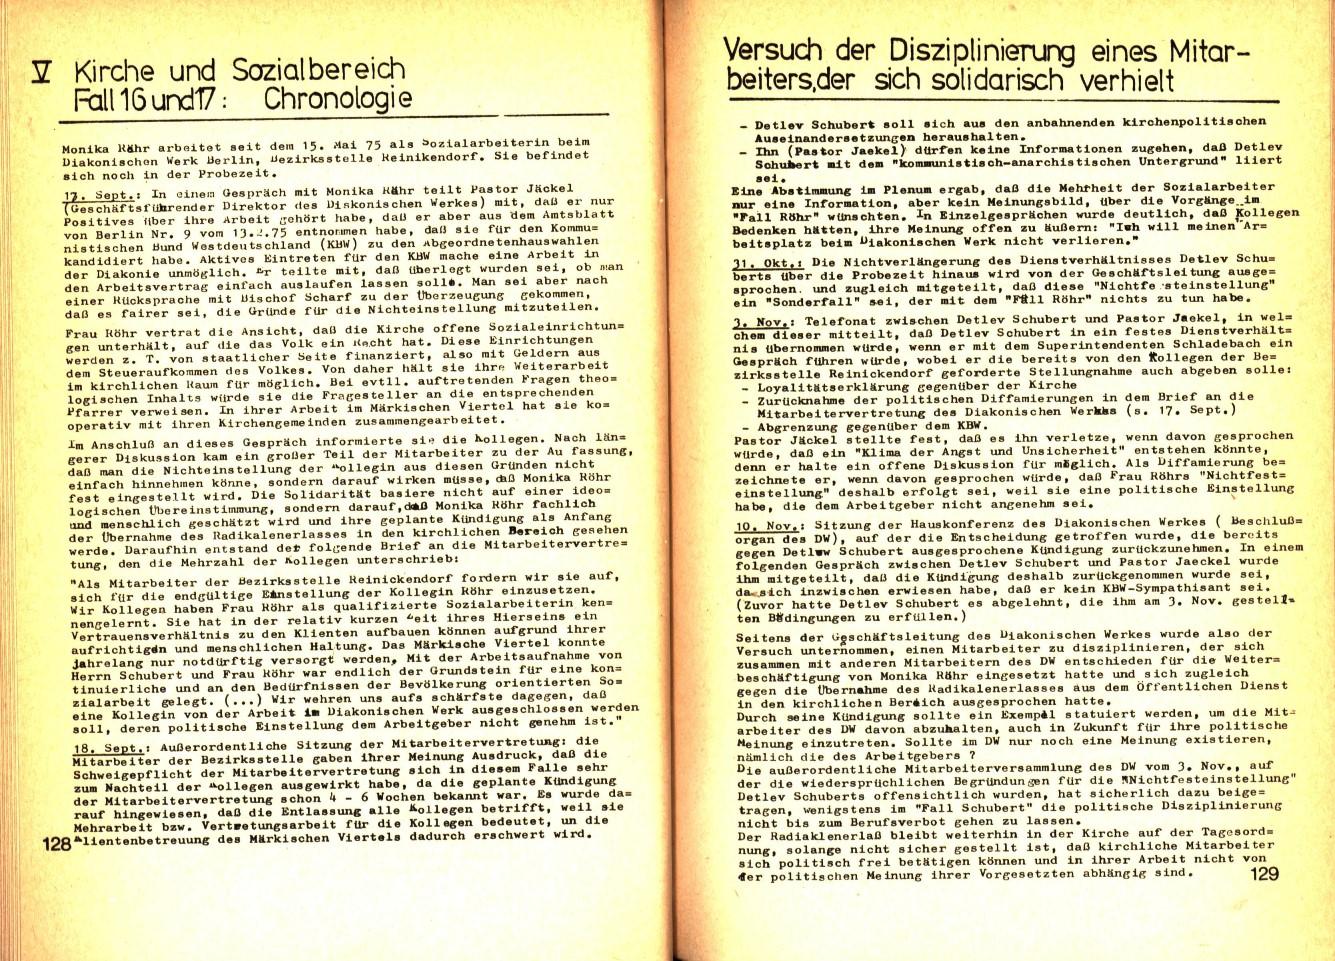 Berlin_VDS_Aktionskomitee_1976_BerufsverboteIII_66